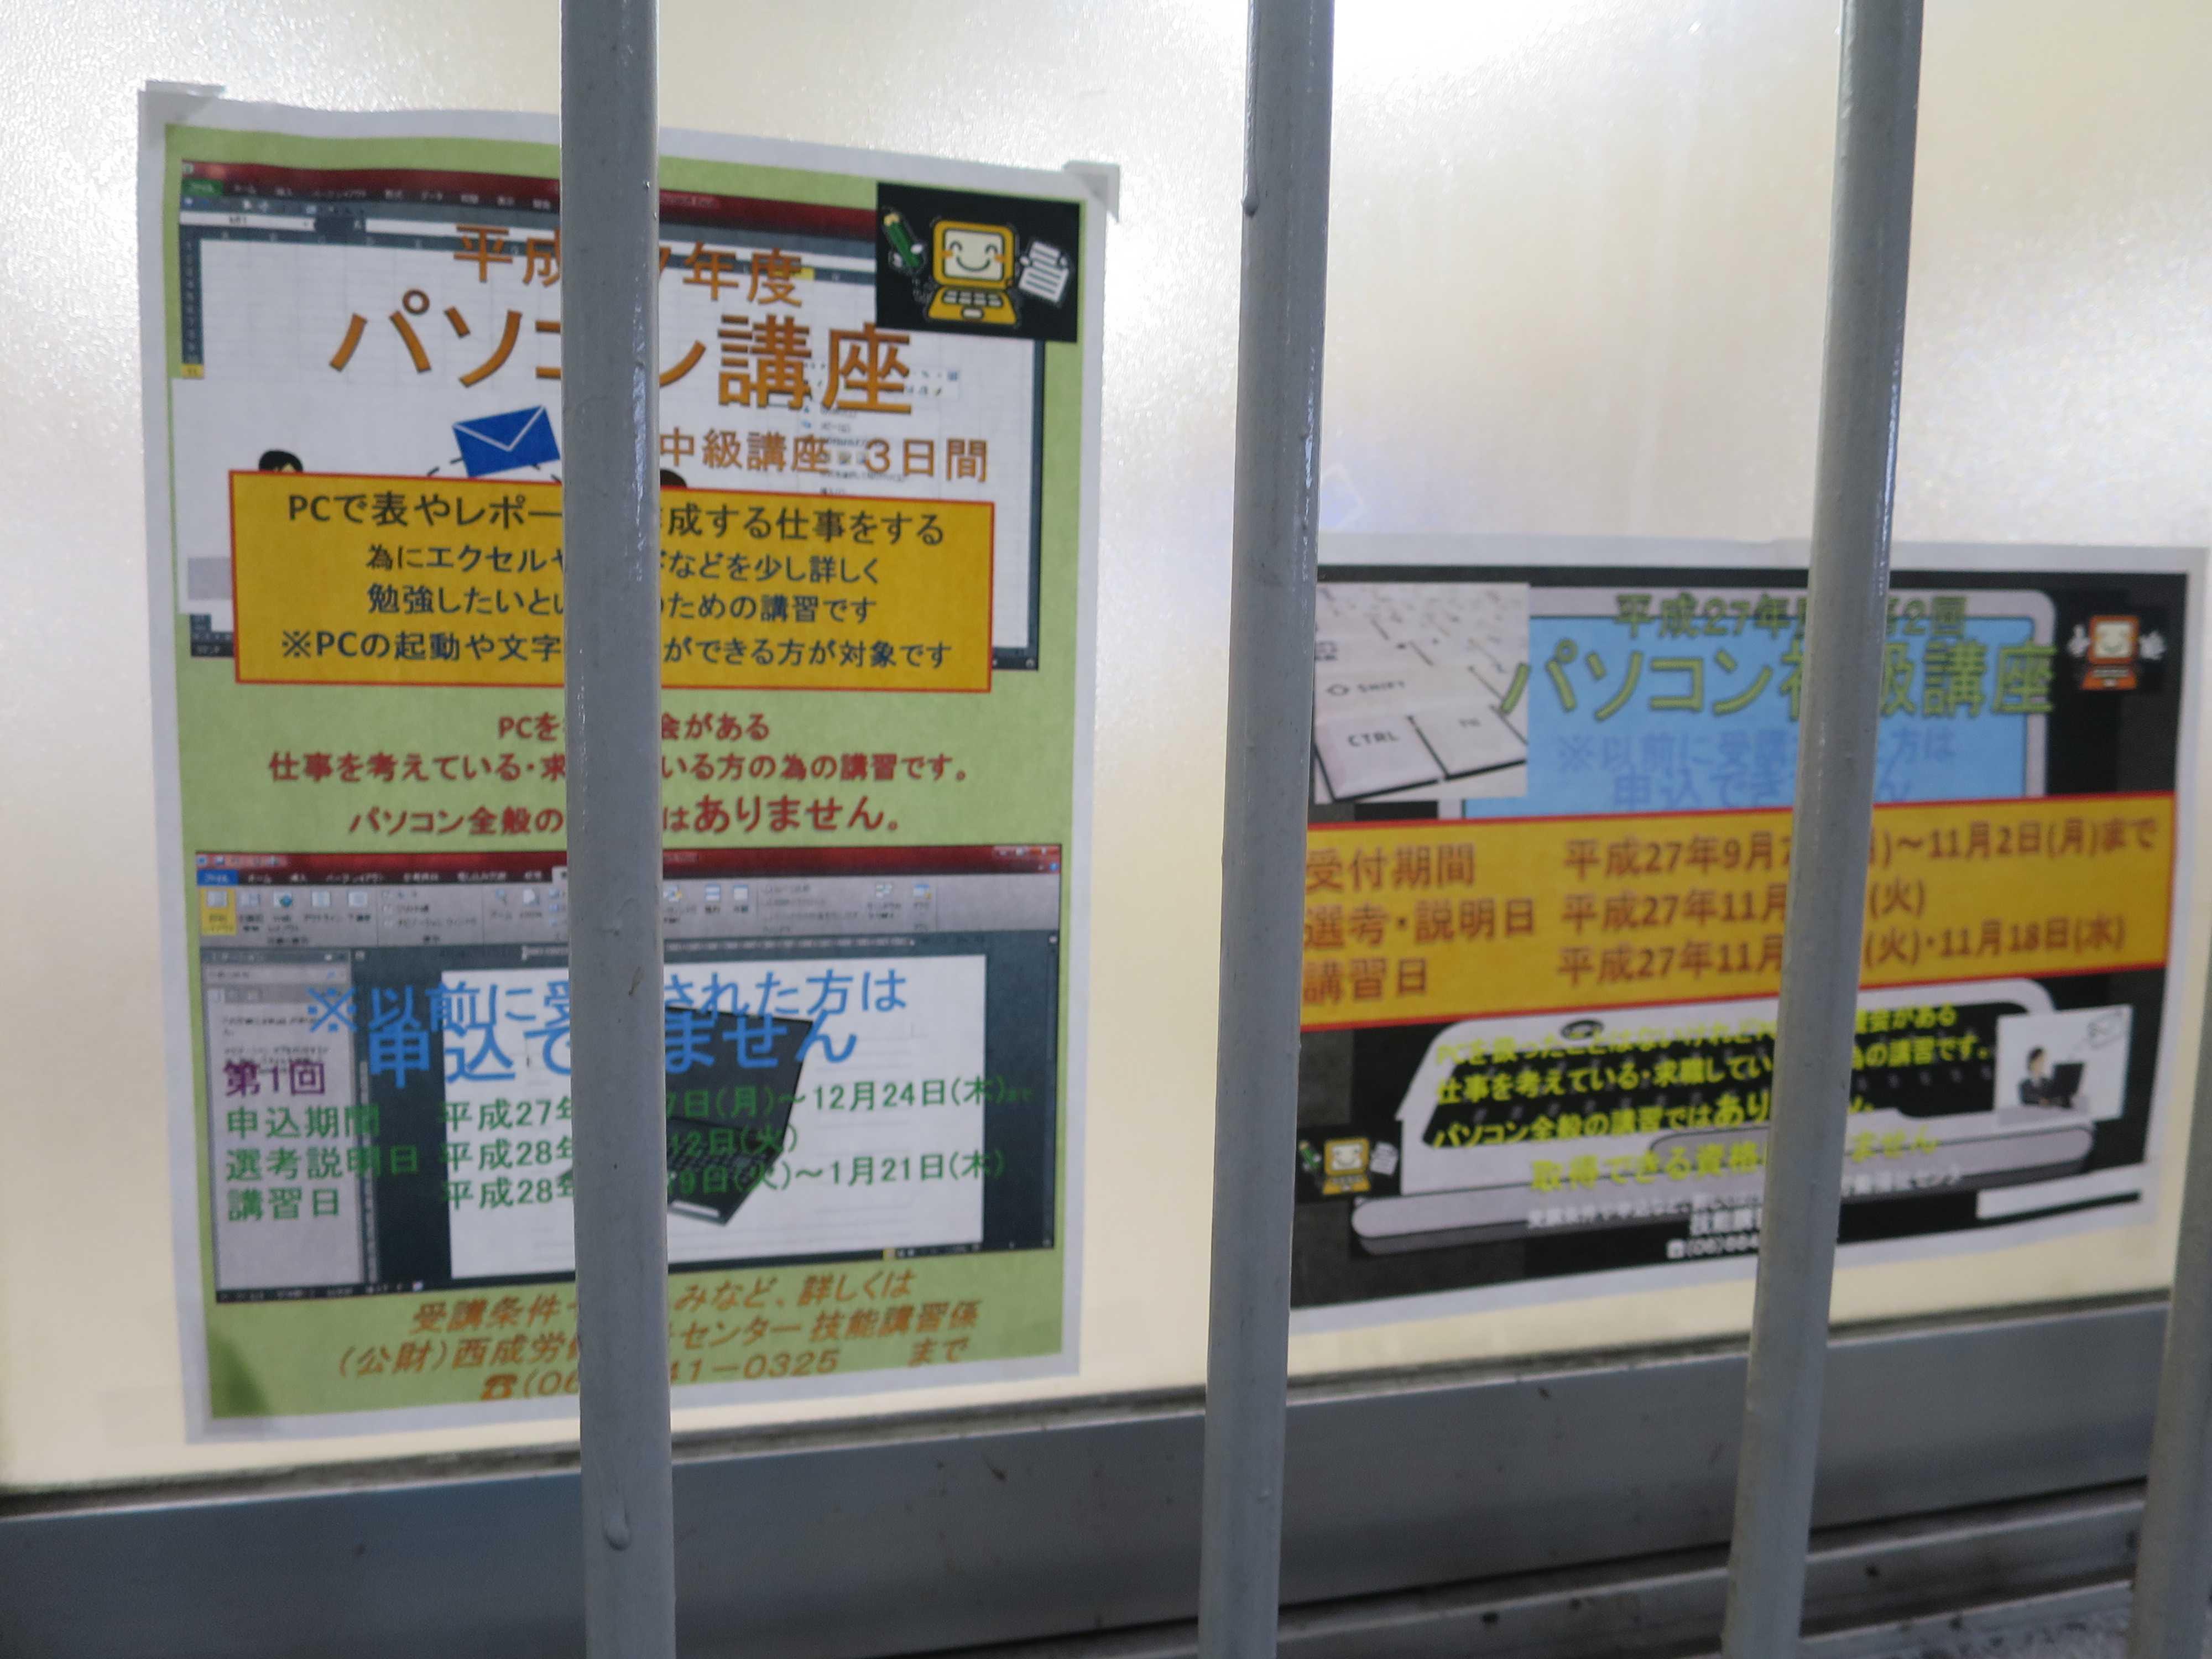 西成労働福祉センターの掲示物